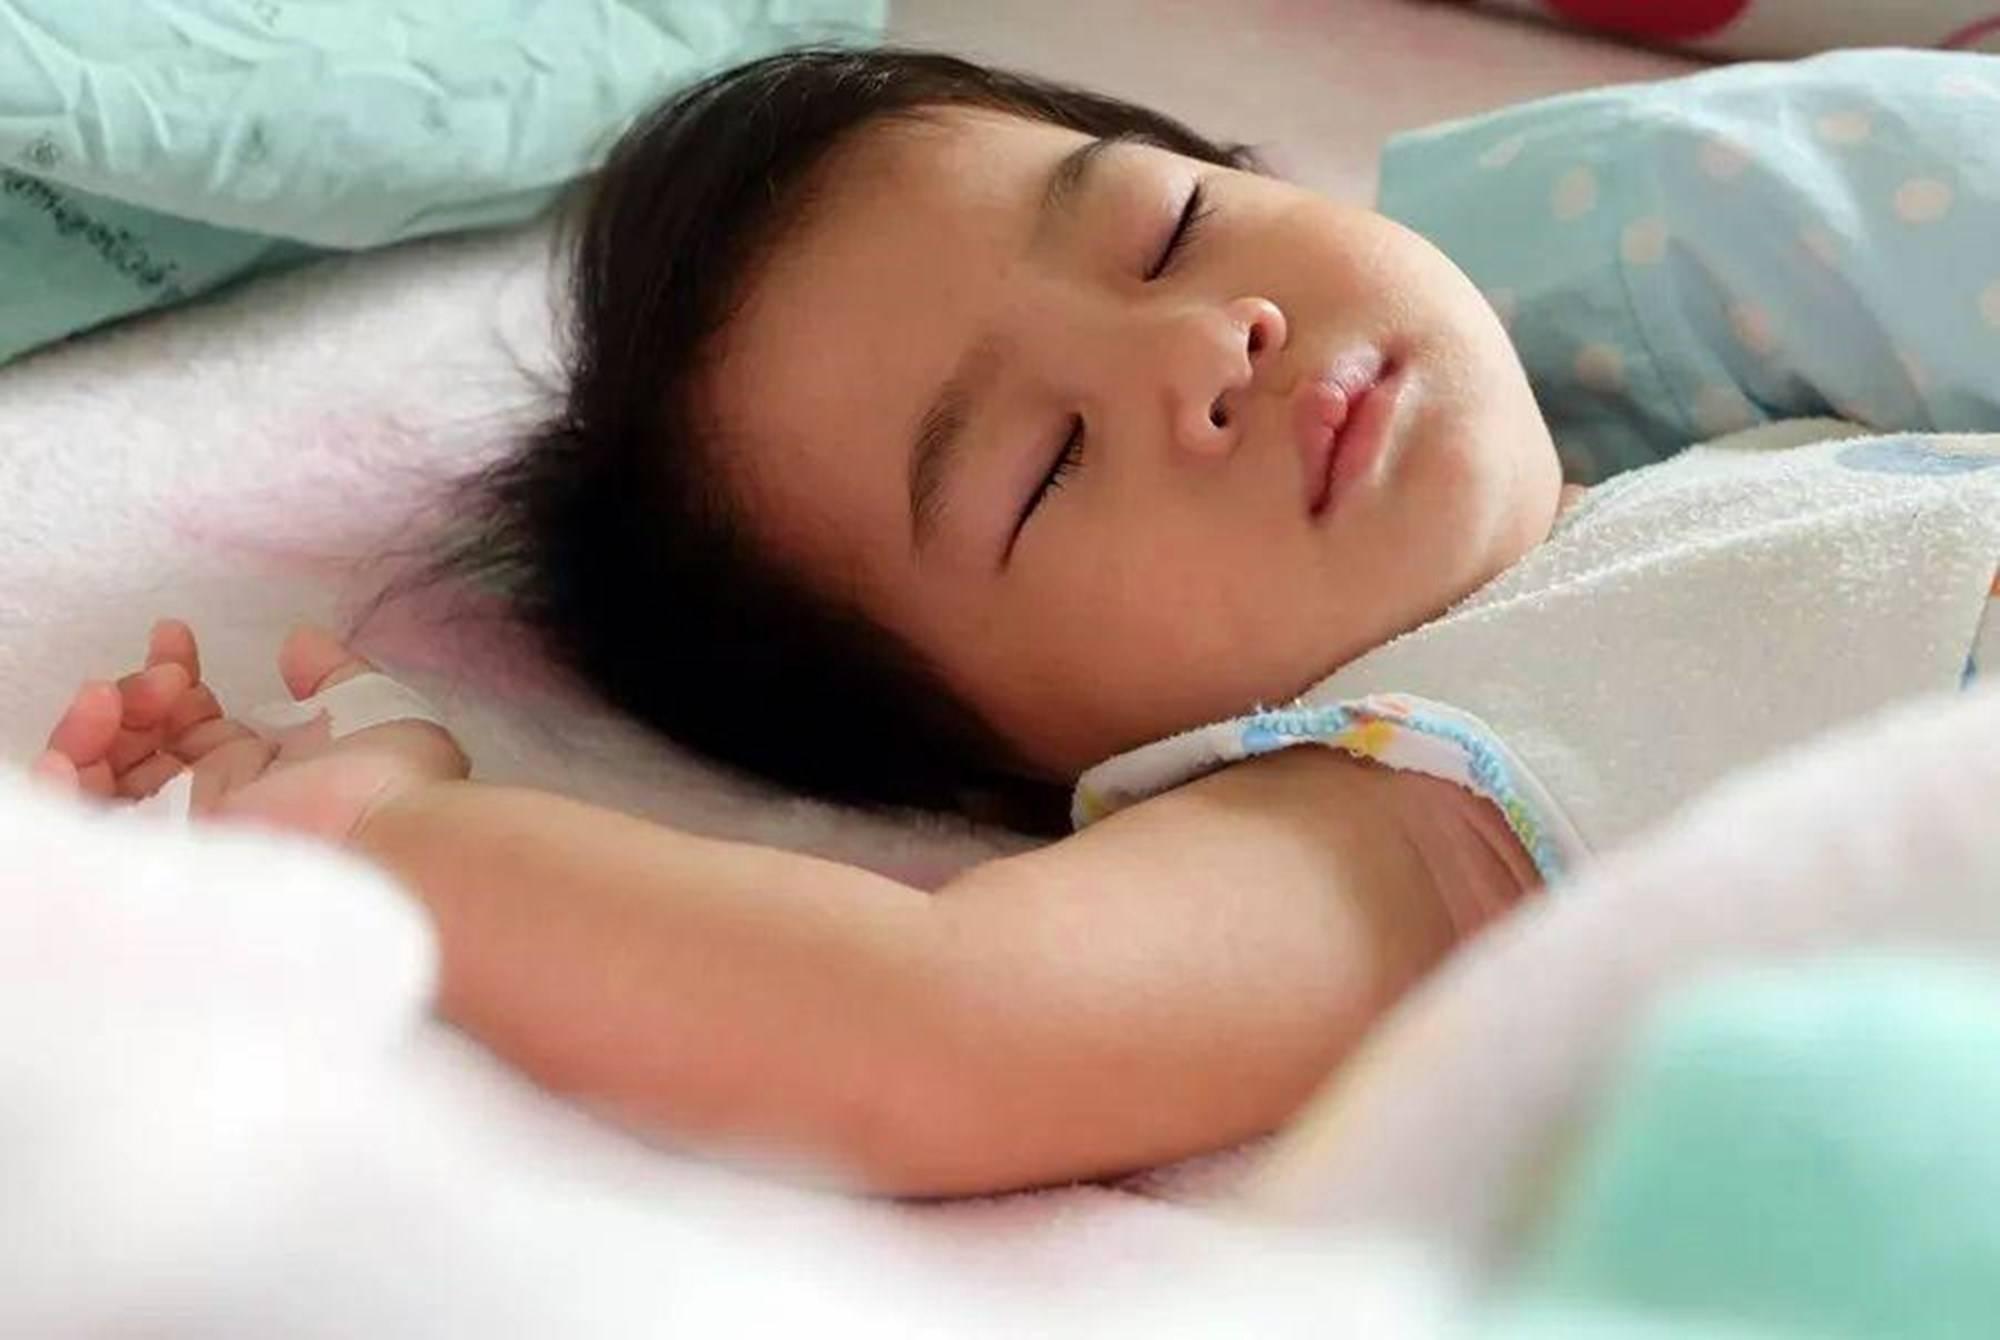 白天睡得少,晚上才能睡得饱?错,宝宝的白天小睡不仅是为了补觉